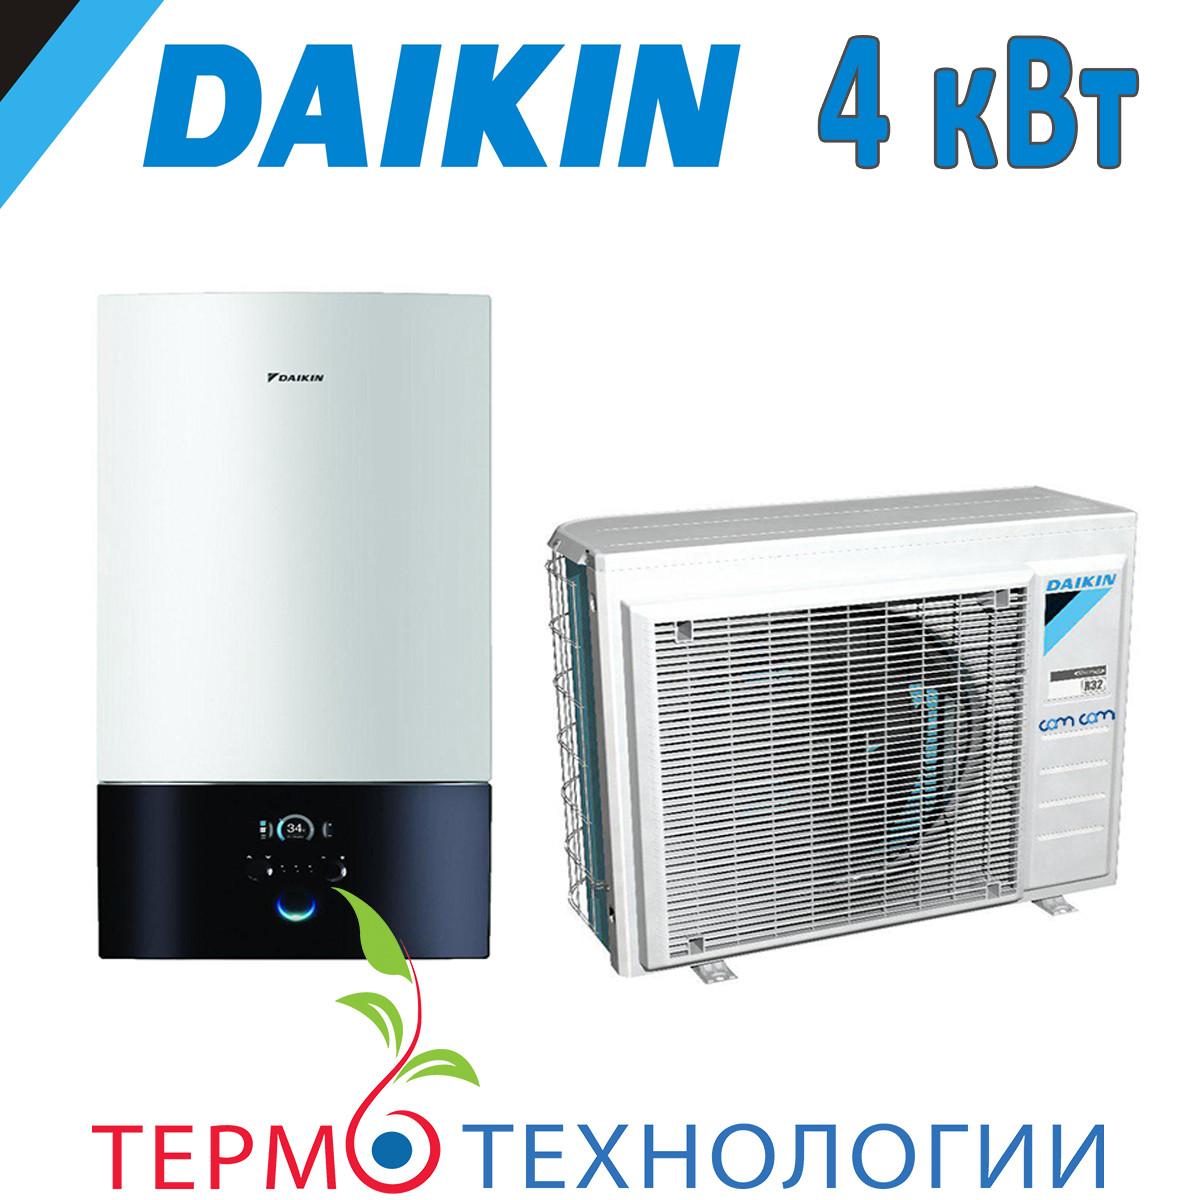 Тепловой насос воздух-вода Daikin Altherma 3 split 4 кВт